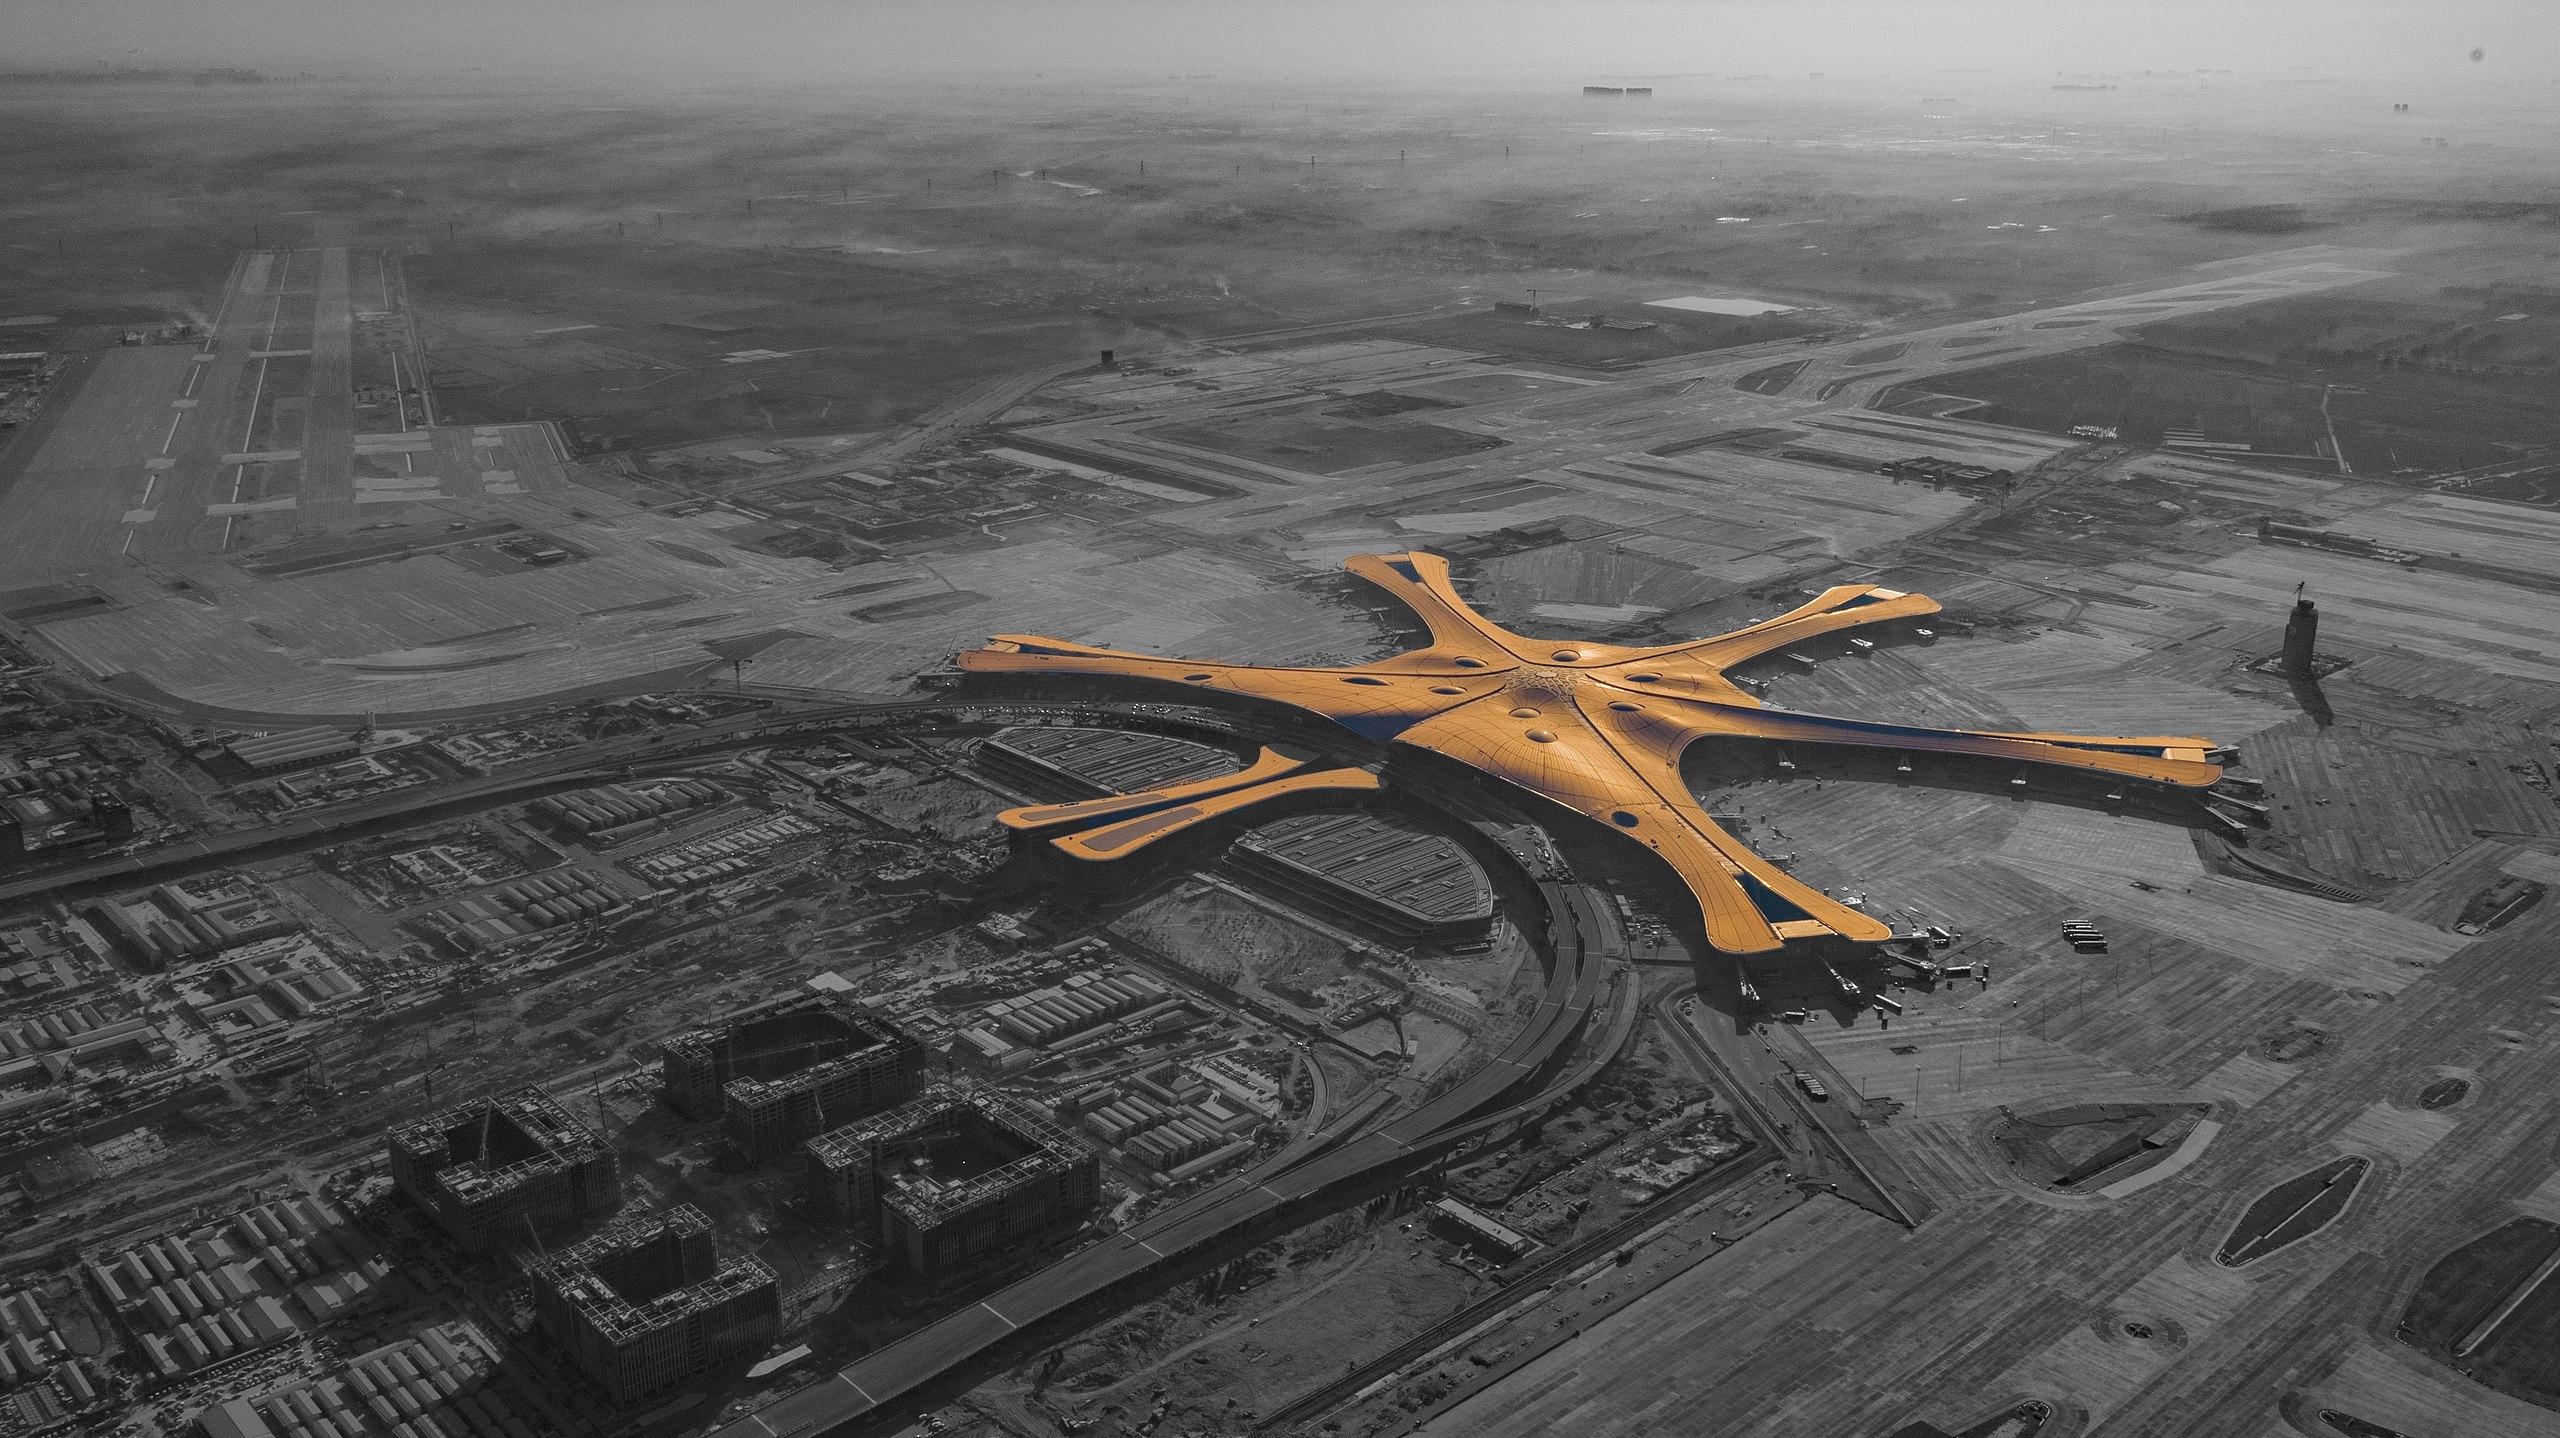 北京の新しい空港「北京大興国際空港(PKX)」を利用する航空会社まとめ(2019年10月現在)